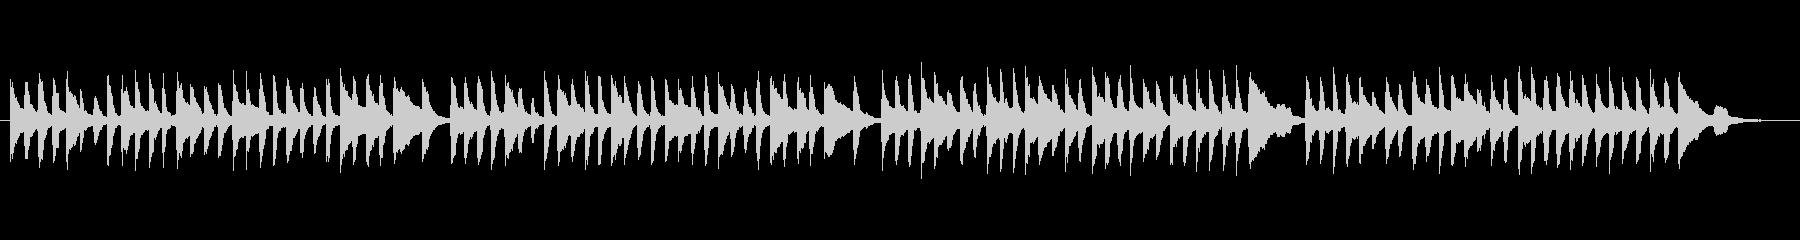 クラシックピアノ、チェルニーNo.16の未再生の波形